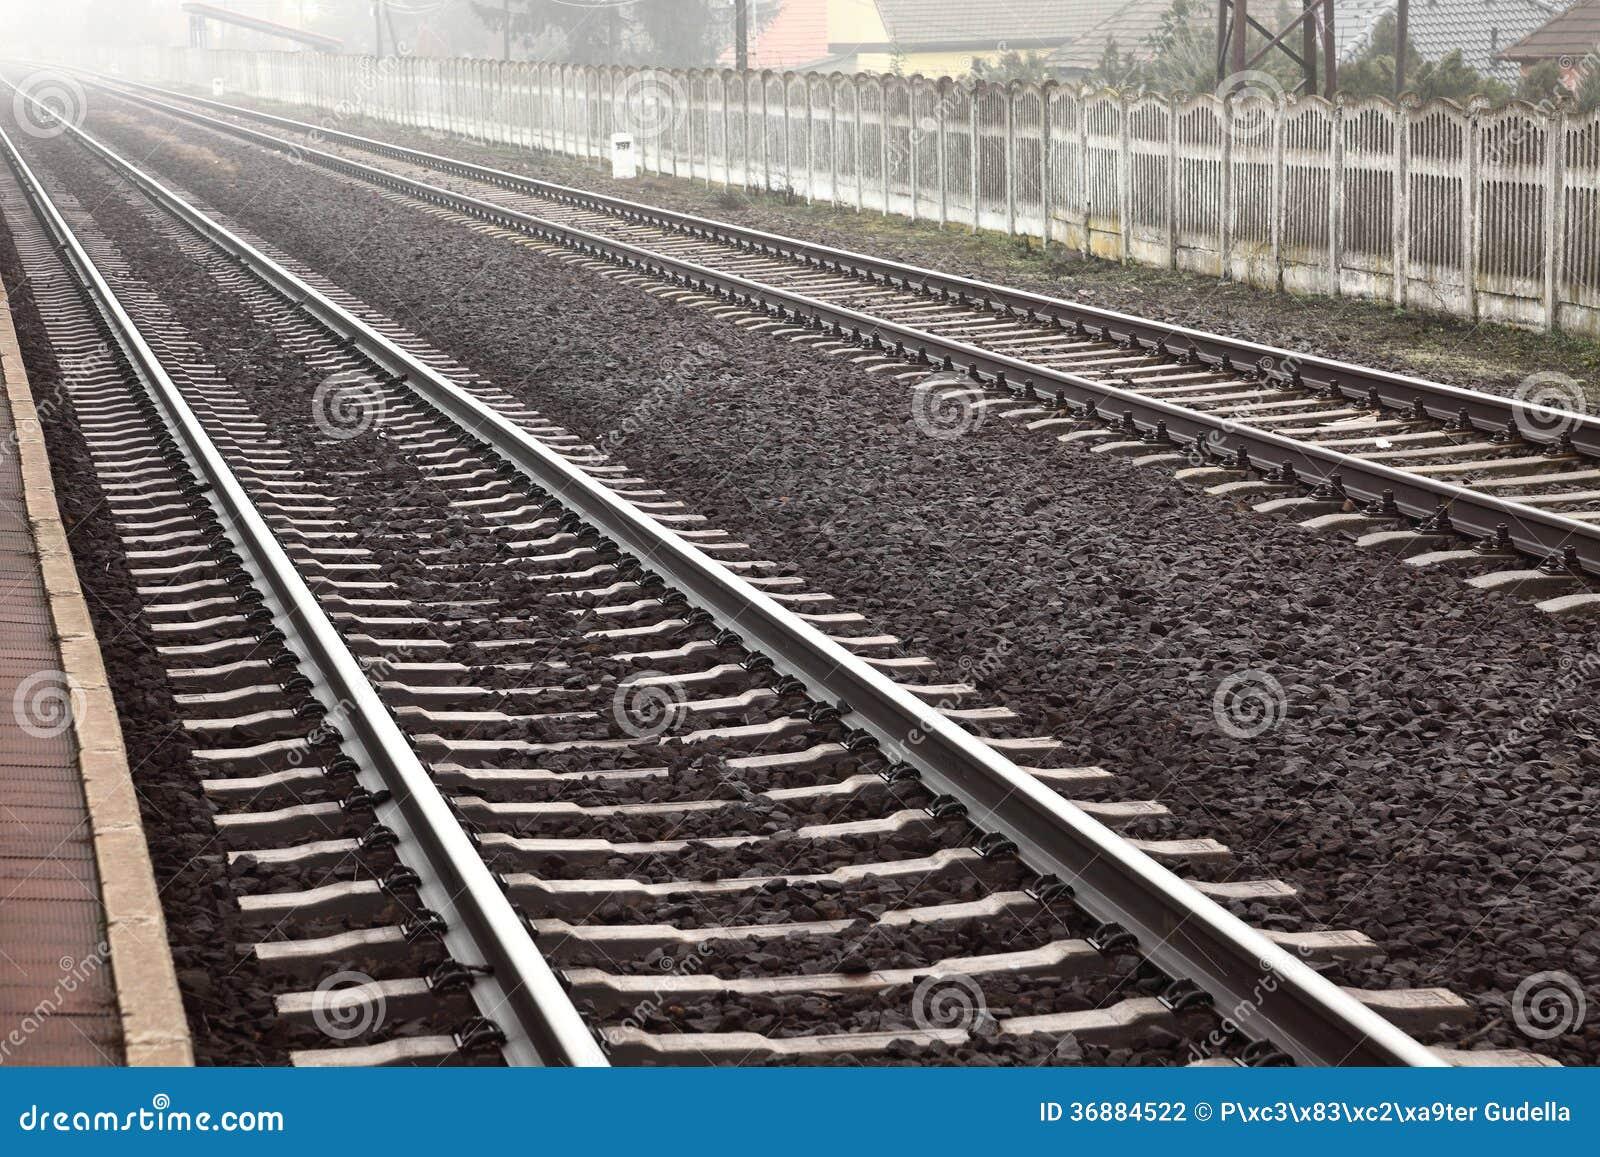 Download Ferrovia fotografia stock. Immagine di metallo, carico - 36884522